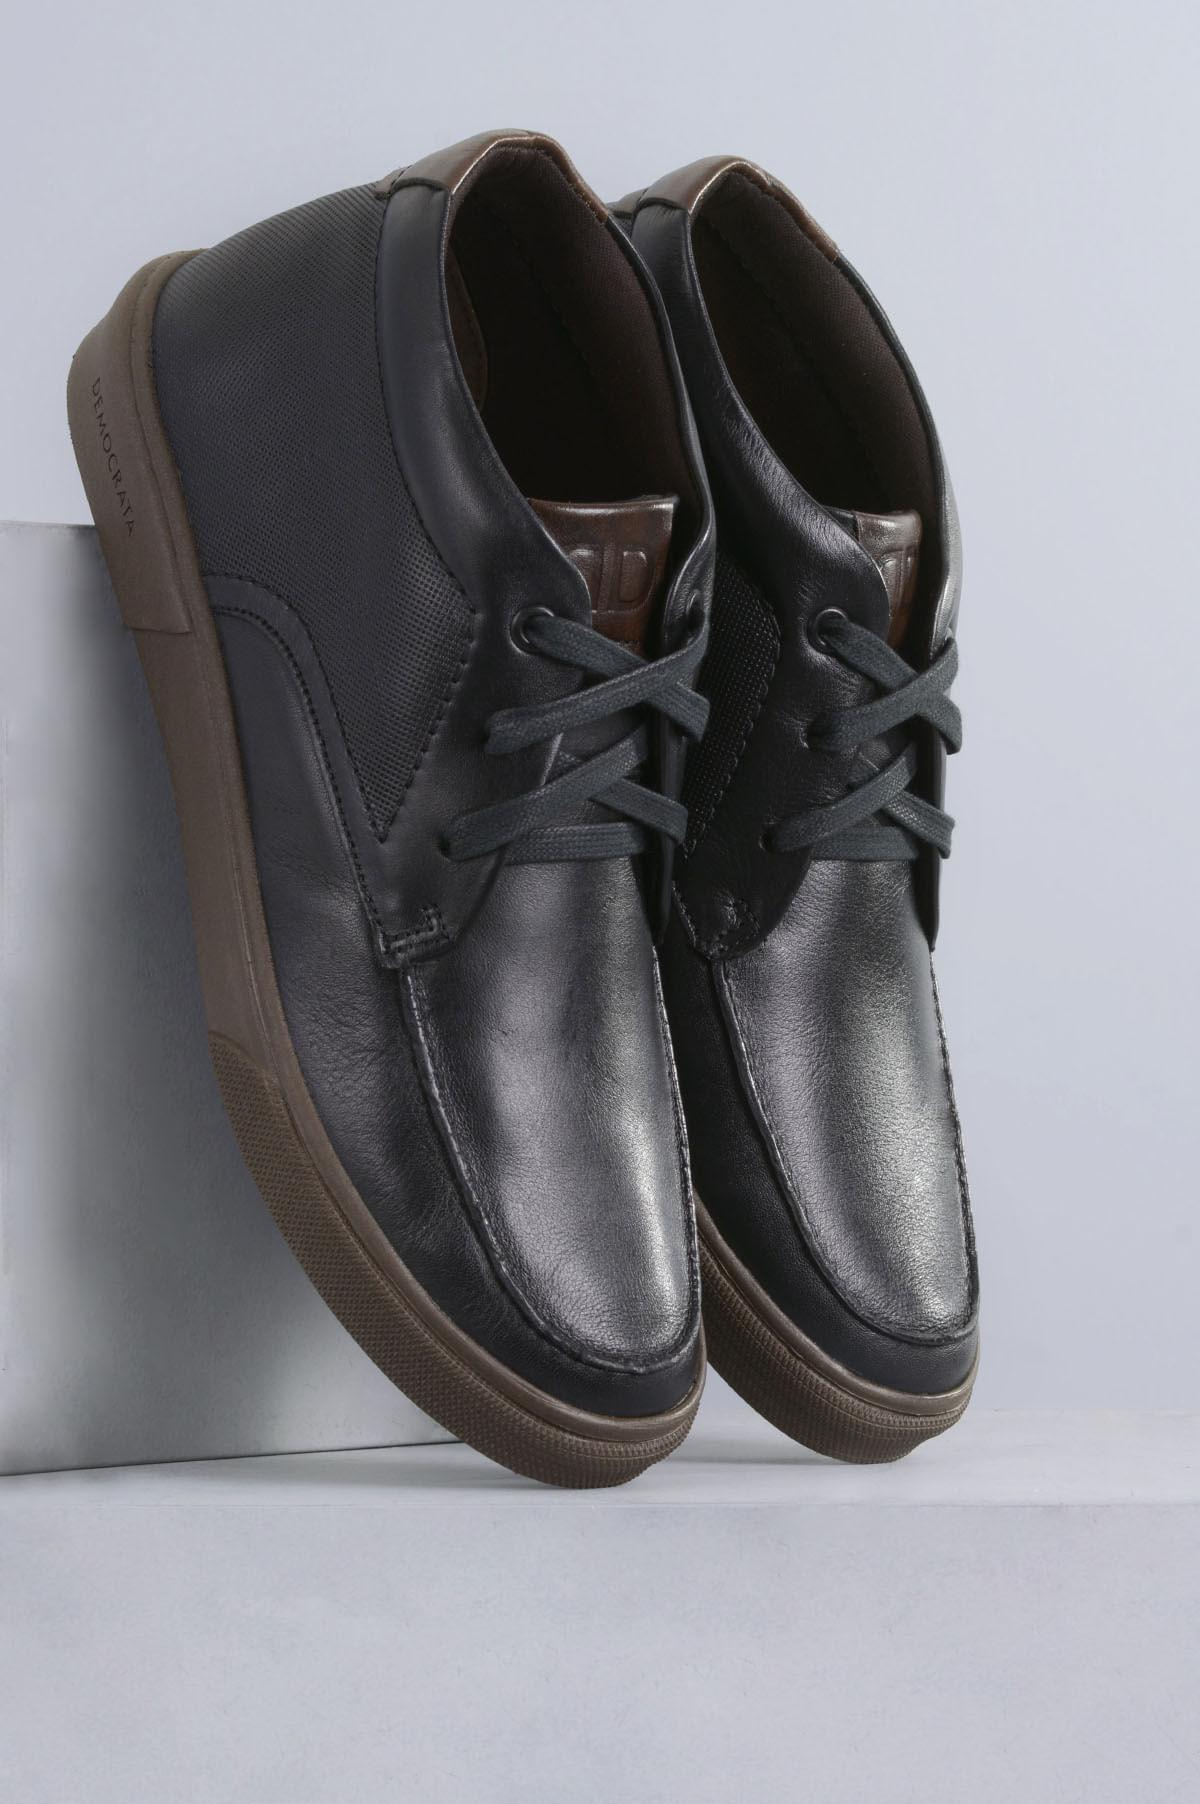 436786fd26 Sapatênis Masculino Democrata Hit CR-PRETO - Mundial Calçados